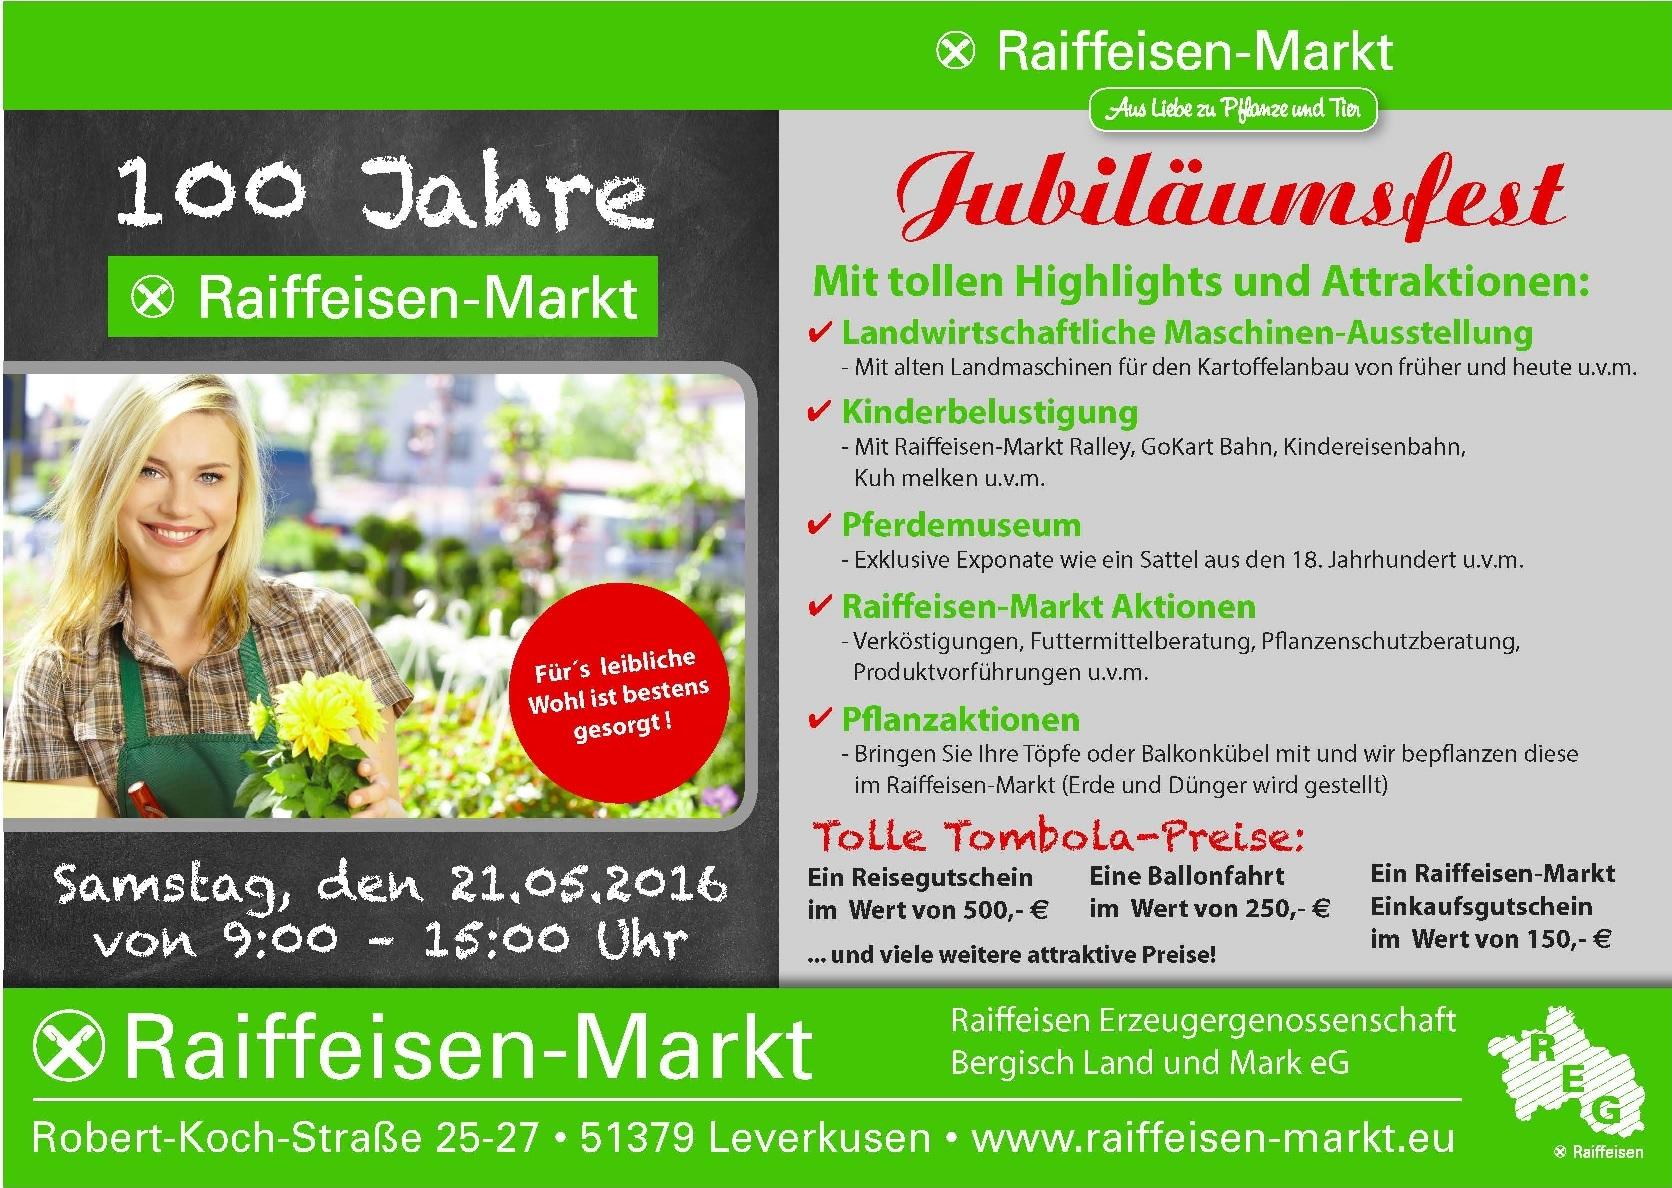 Werbung/Banner_100-jaehriges_Jubilaeum.jpg